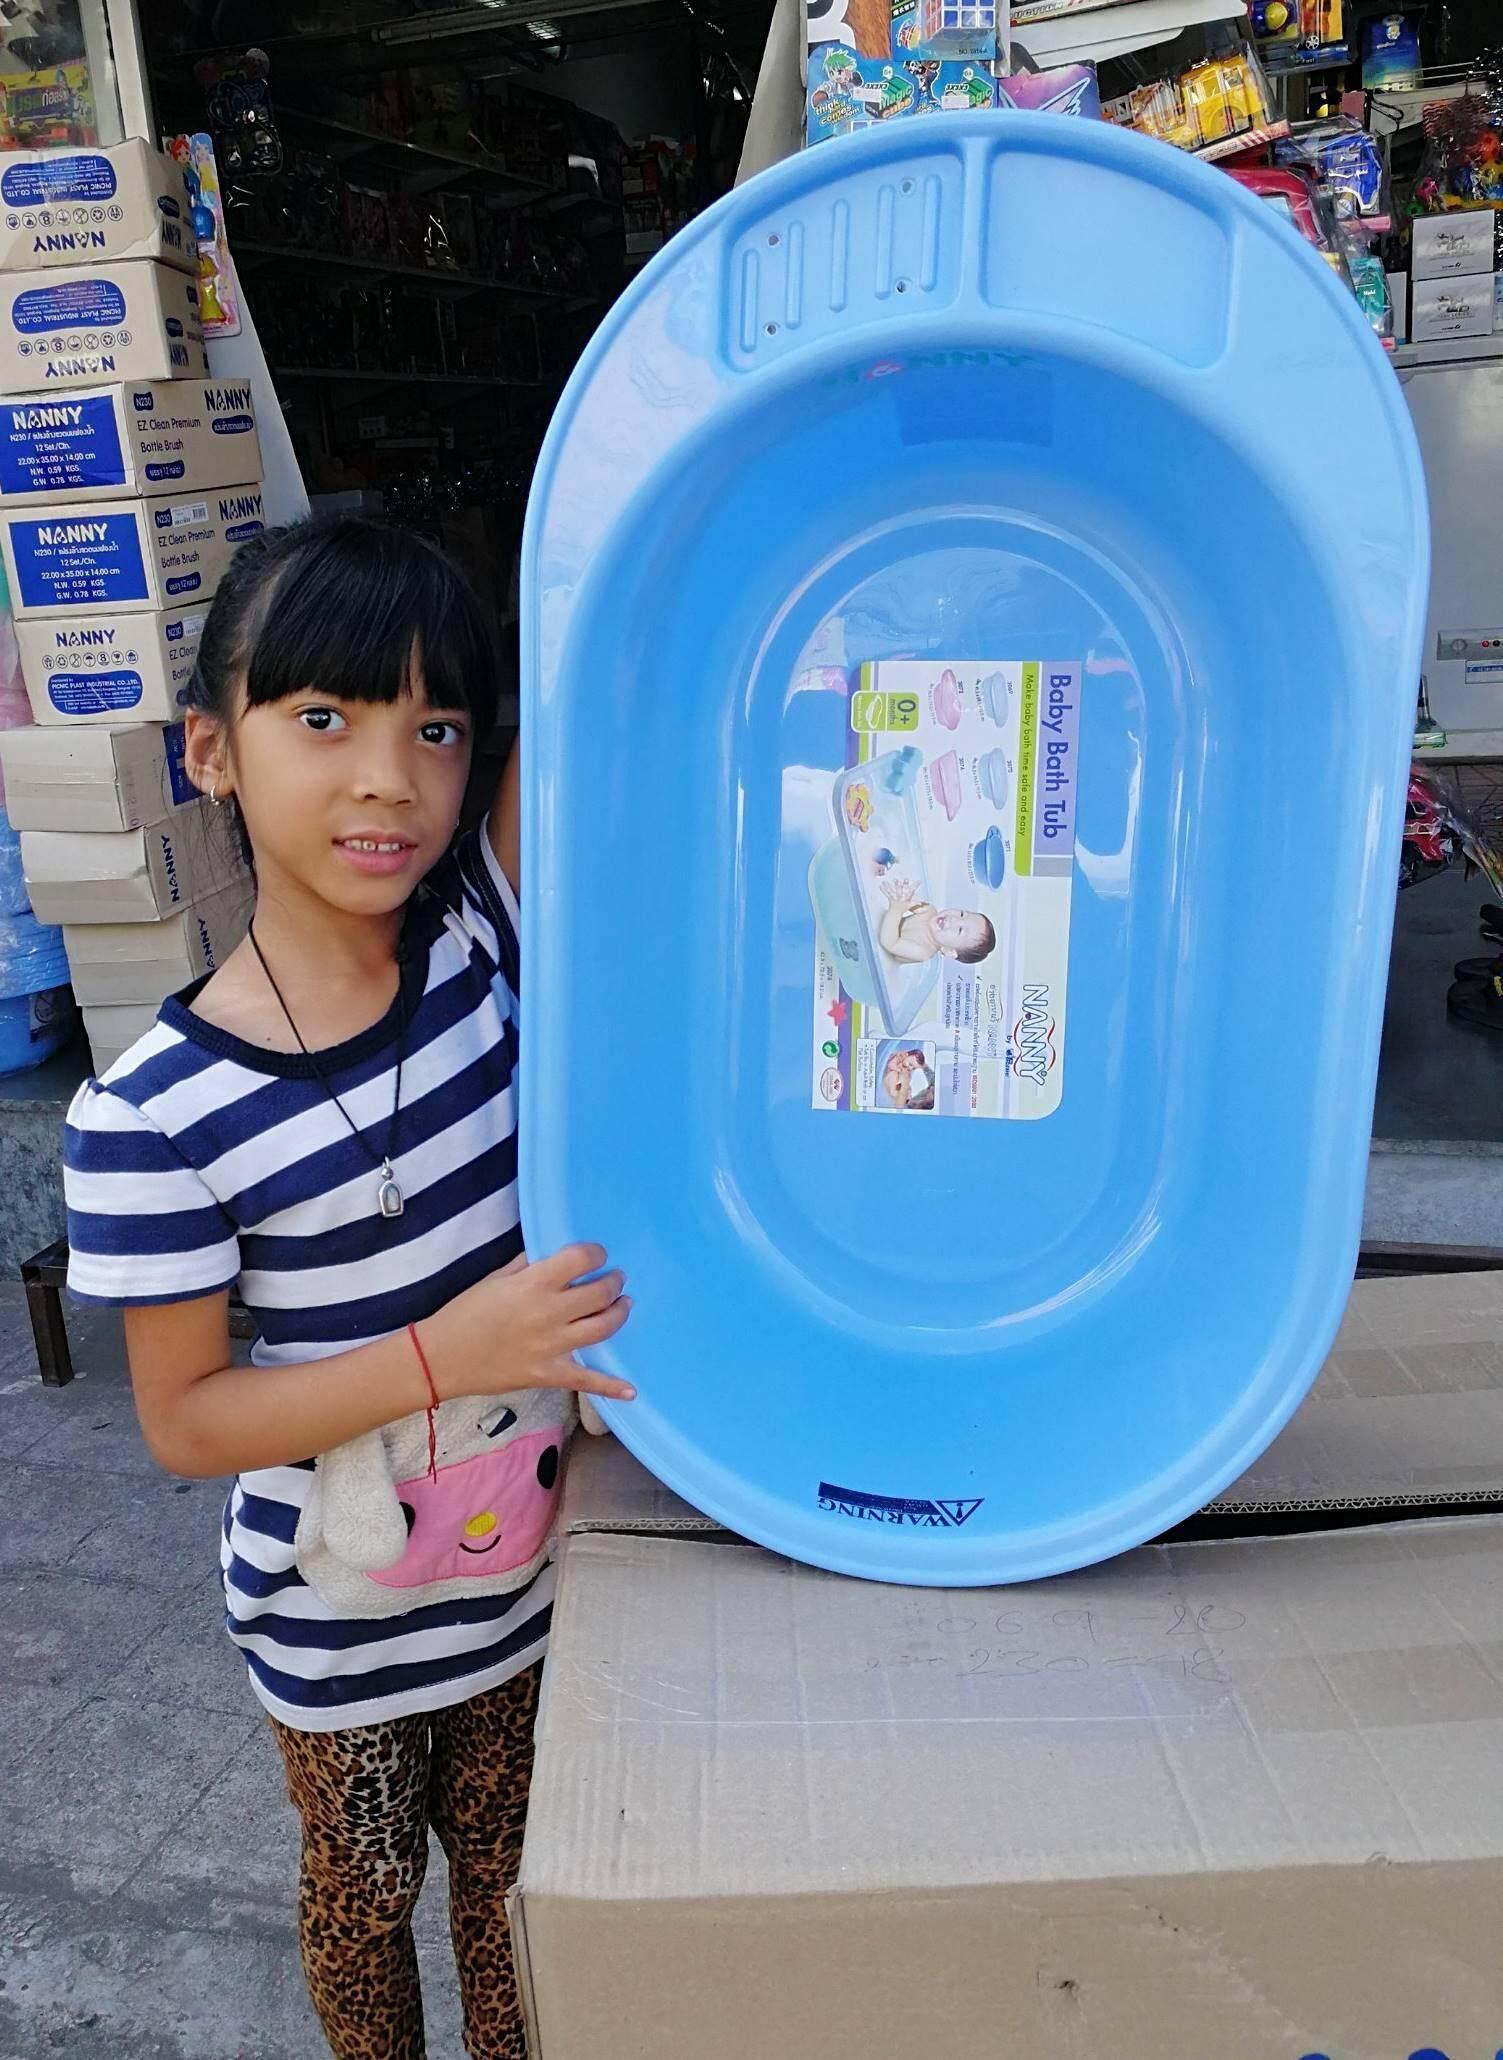 Nanny อ่างอาบน้ำเด็ก รุ่น N3069 มีให้เลือก 3 สี สีขาว สีเขียว สีฟ้า สีชมพู ซื้อใน Lazada ถูกที่สุด By Urbabyshop.